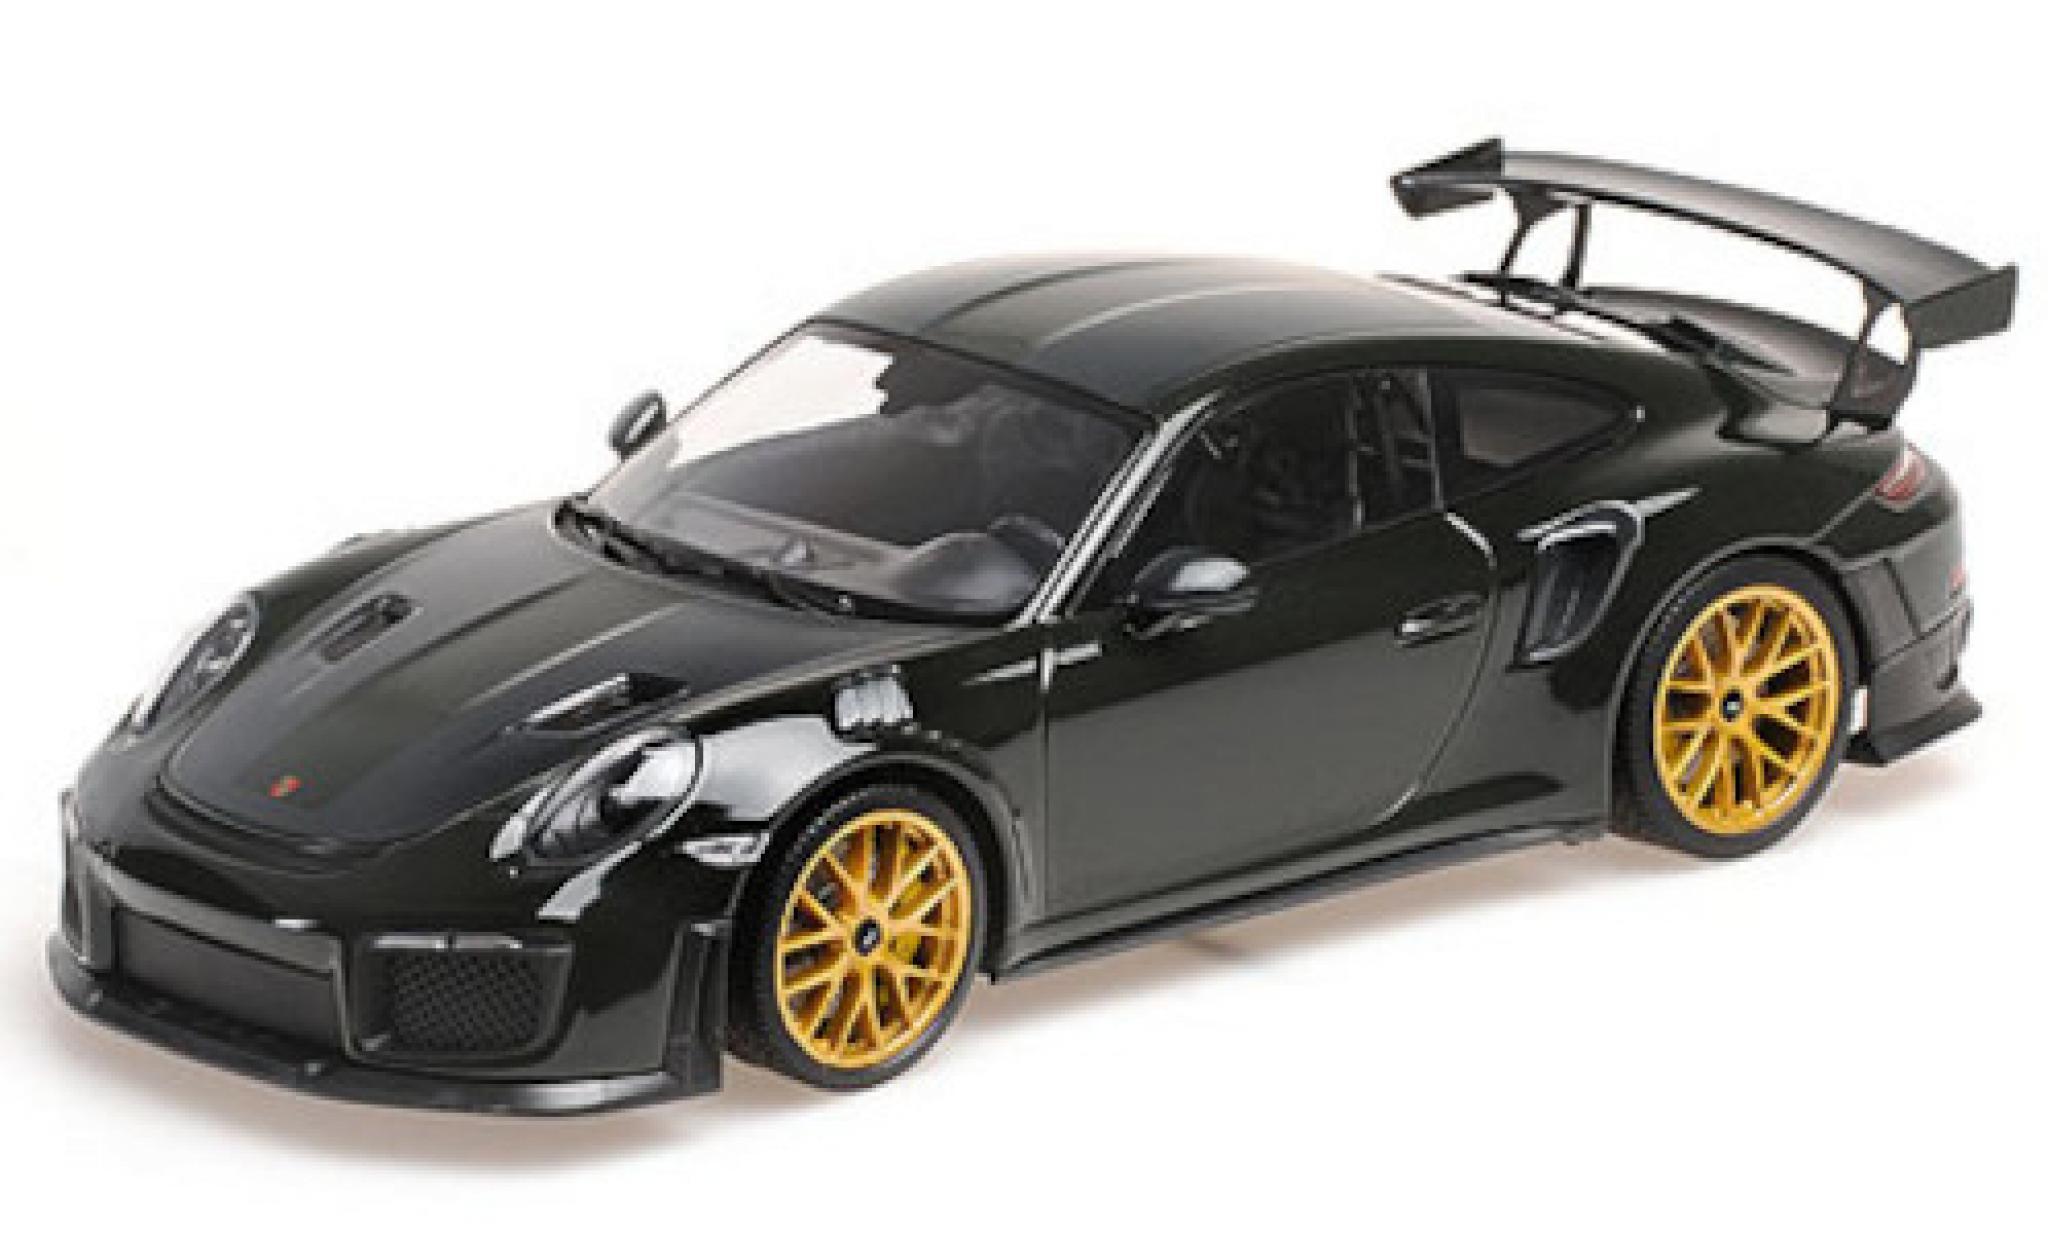 Porsche 991 GT2 RS 1/18 Minichamps 911 (.2) green/carbon 2018 avec Weissach Paket et doré Magnesium jantes